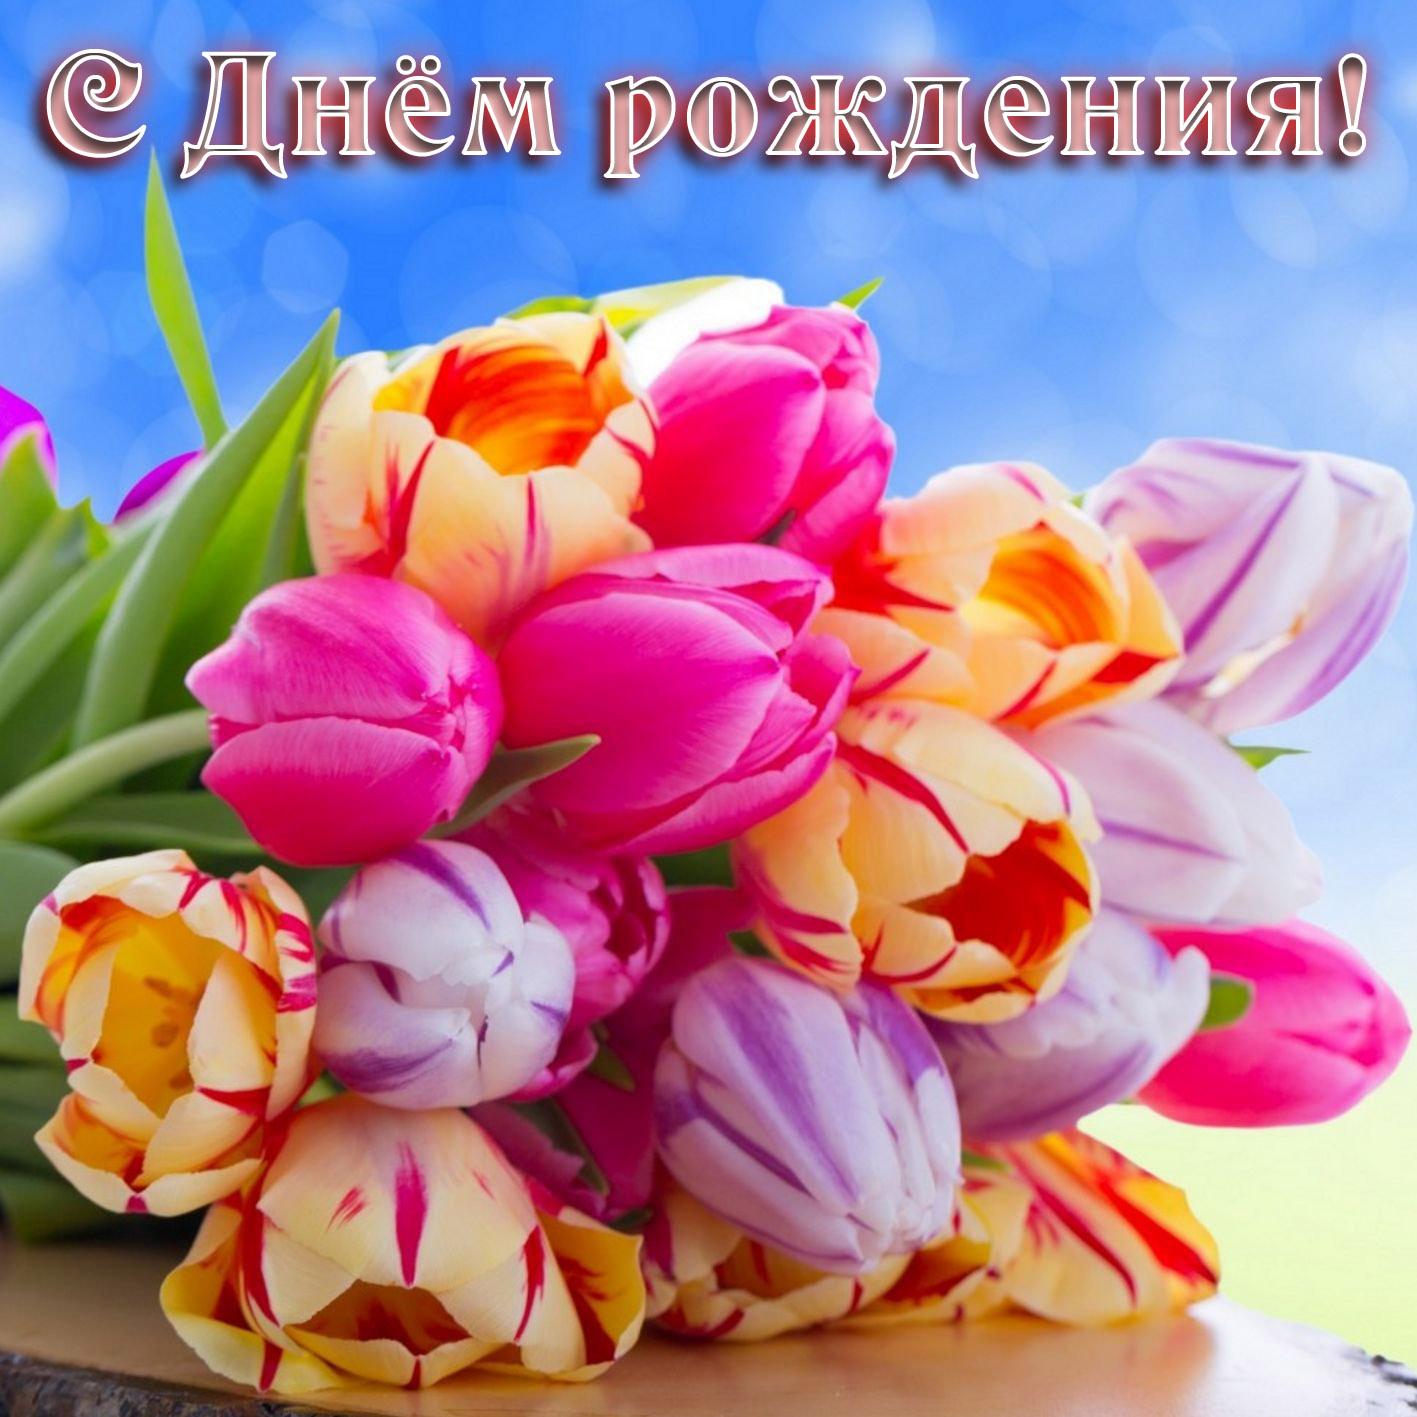 Женщине. Букет тюльпанов на День рождения. С Днём рождения!